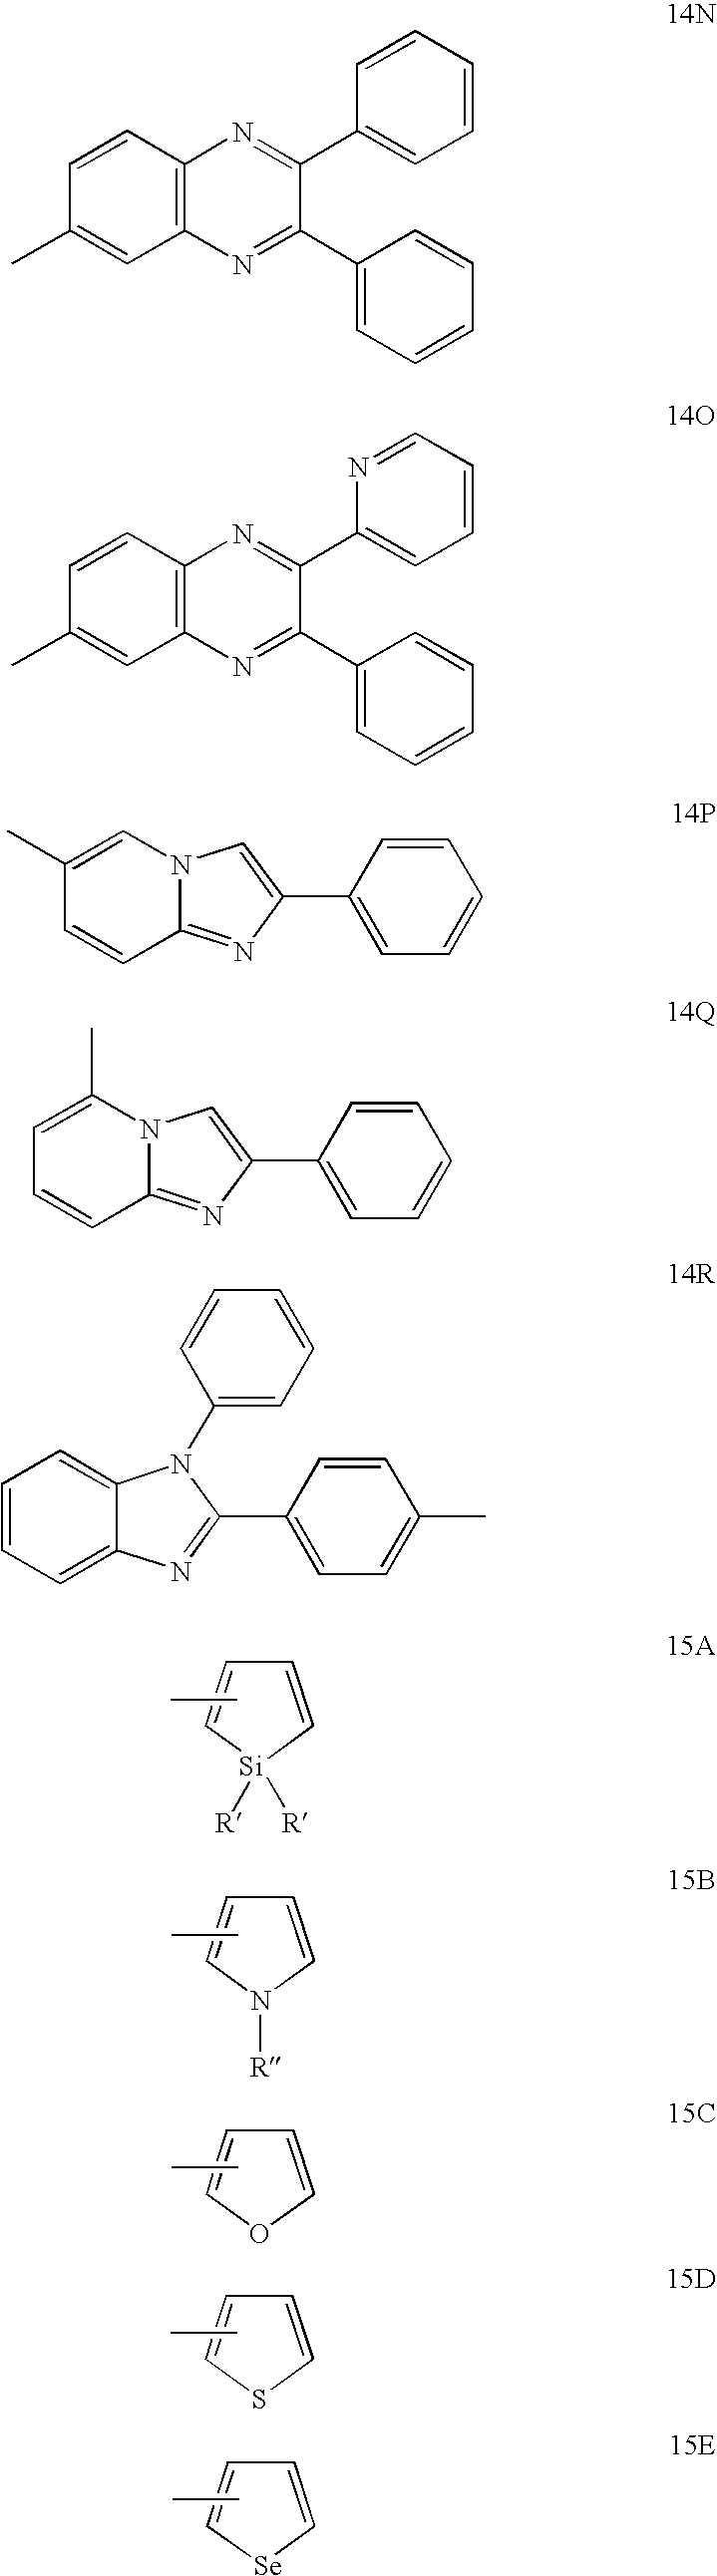 Figure US07875367-20110125-C00088